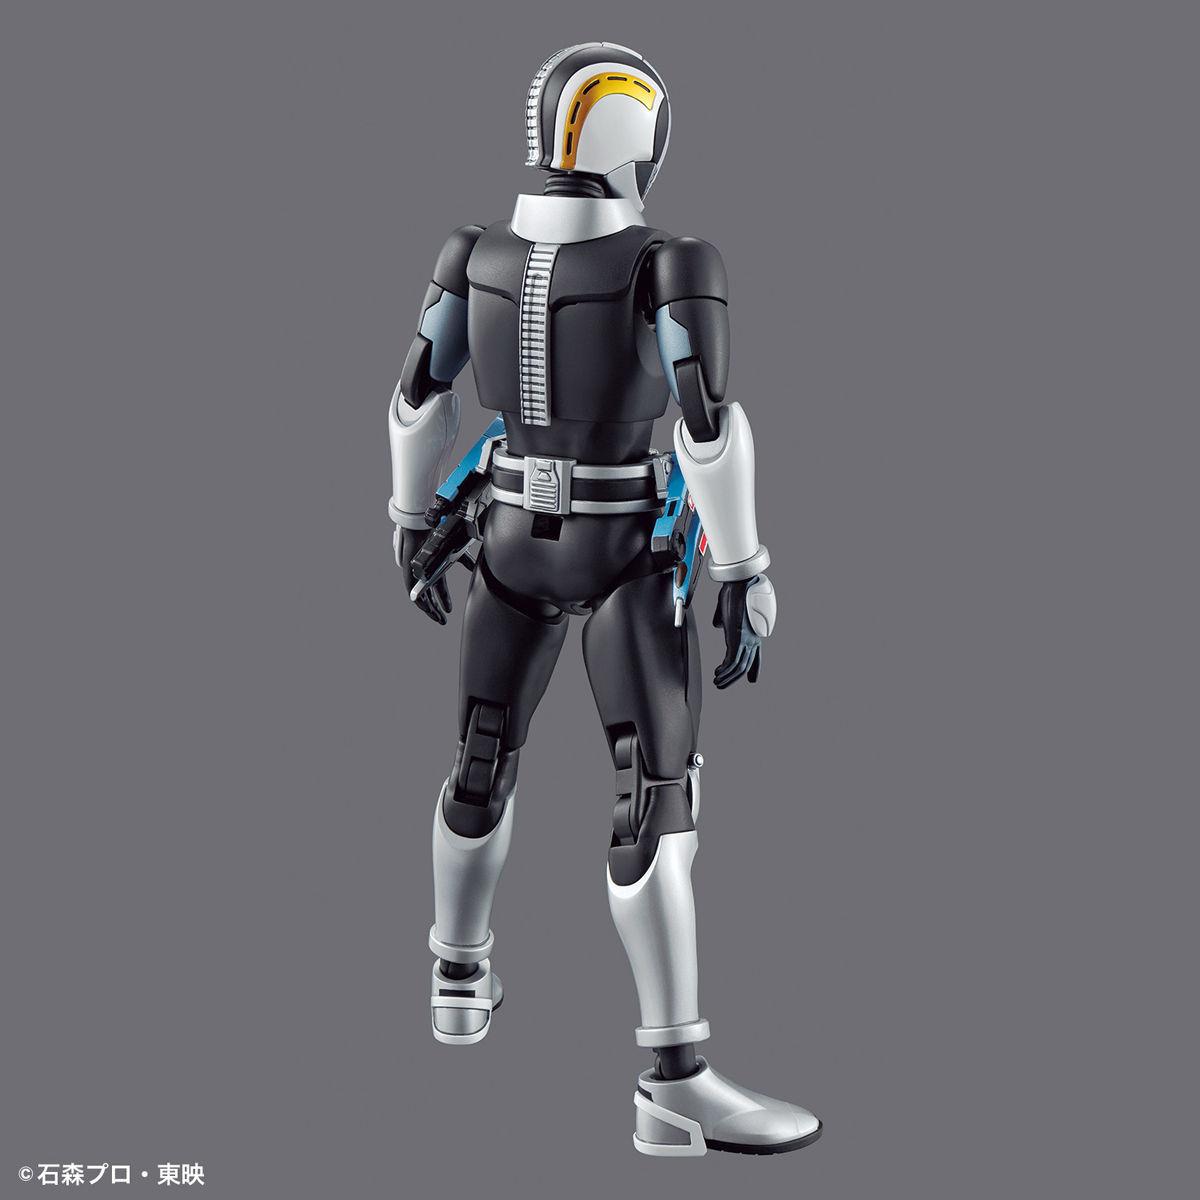 【限定販売】Figure-rise Standard『仮面ライダー電王 ガンフォーム&プラットフォーム』プラモデル-033